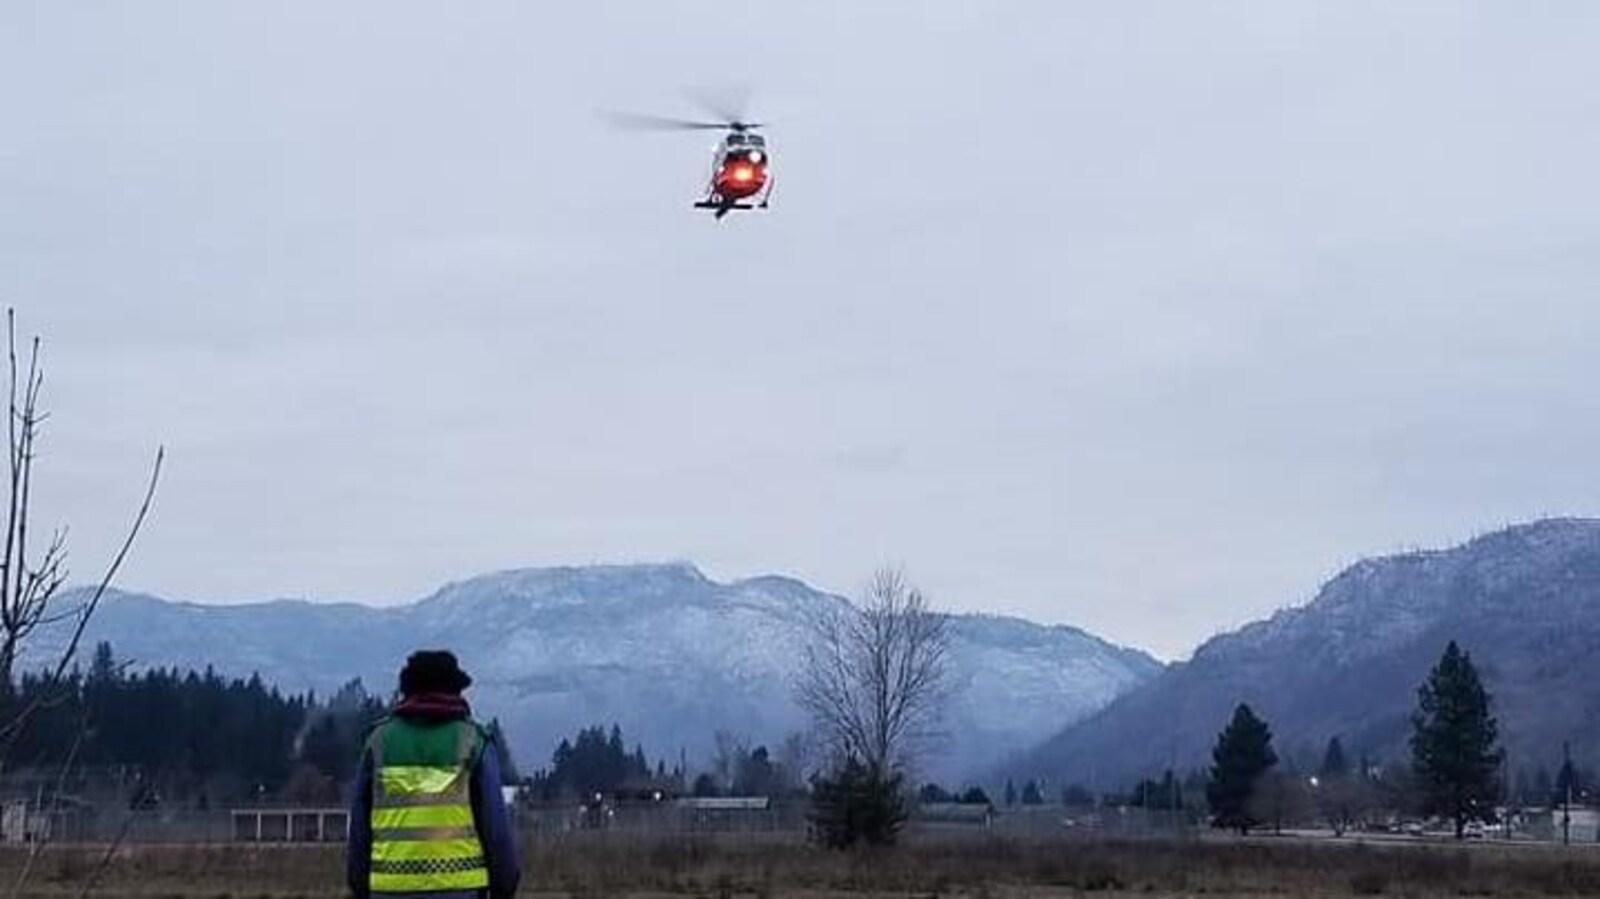 Un hélicoptère du Service des ambulanciers de la Colombie-Britannique survole un paysage montagneux